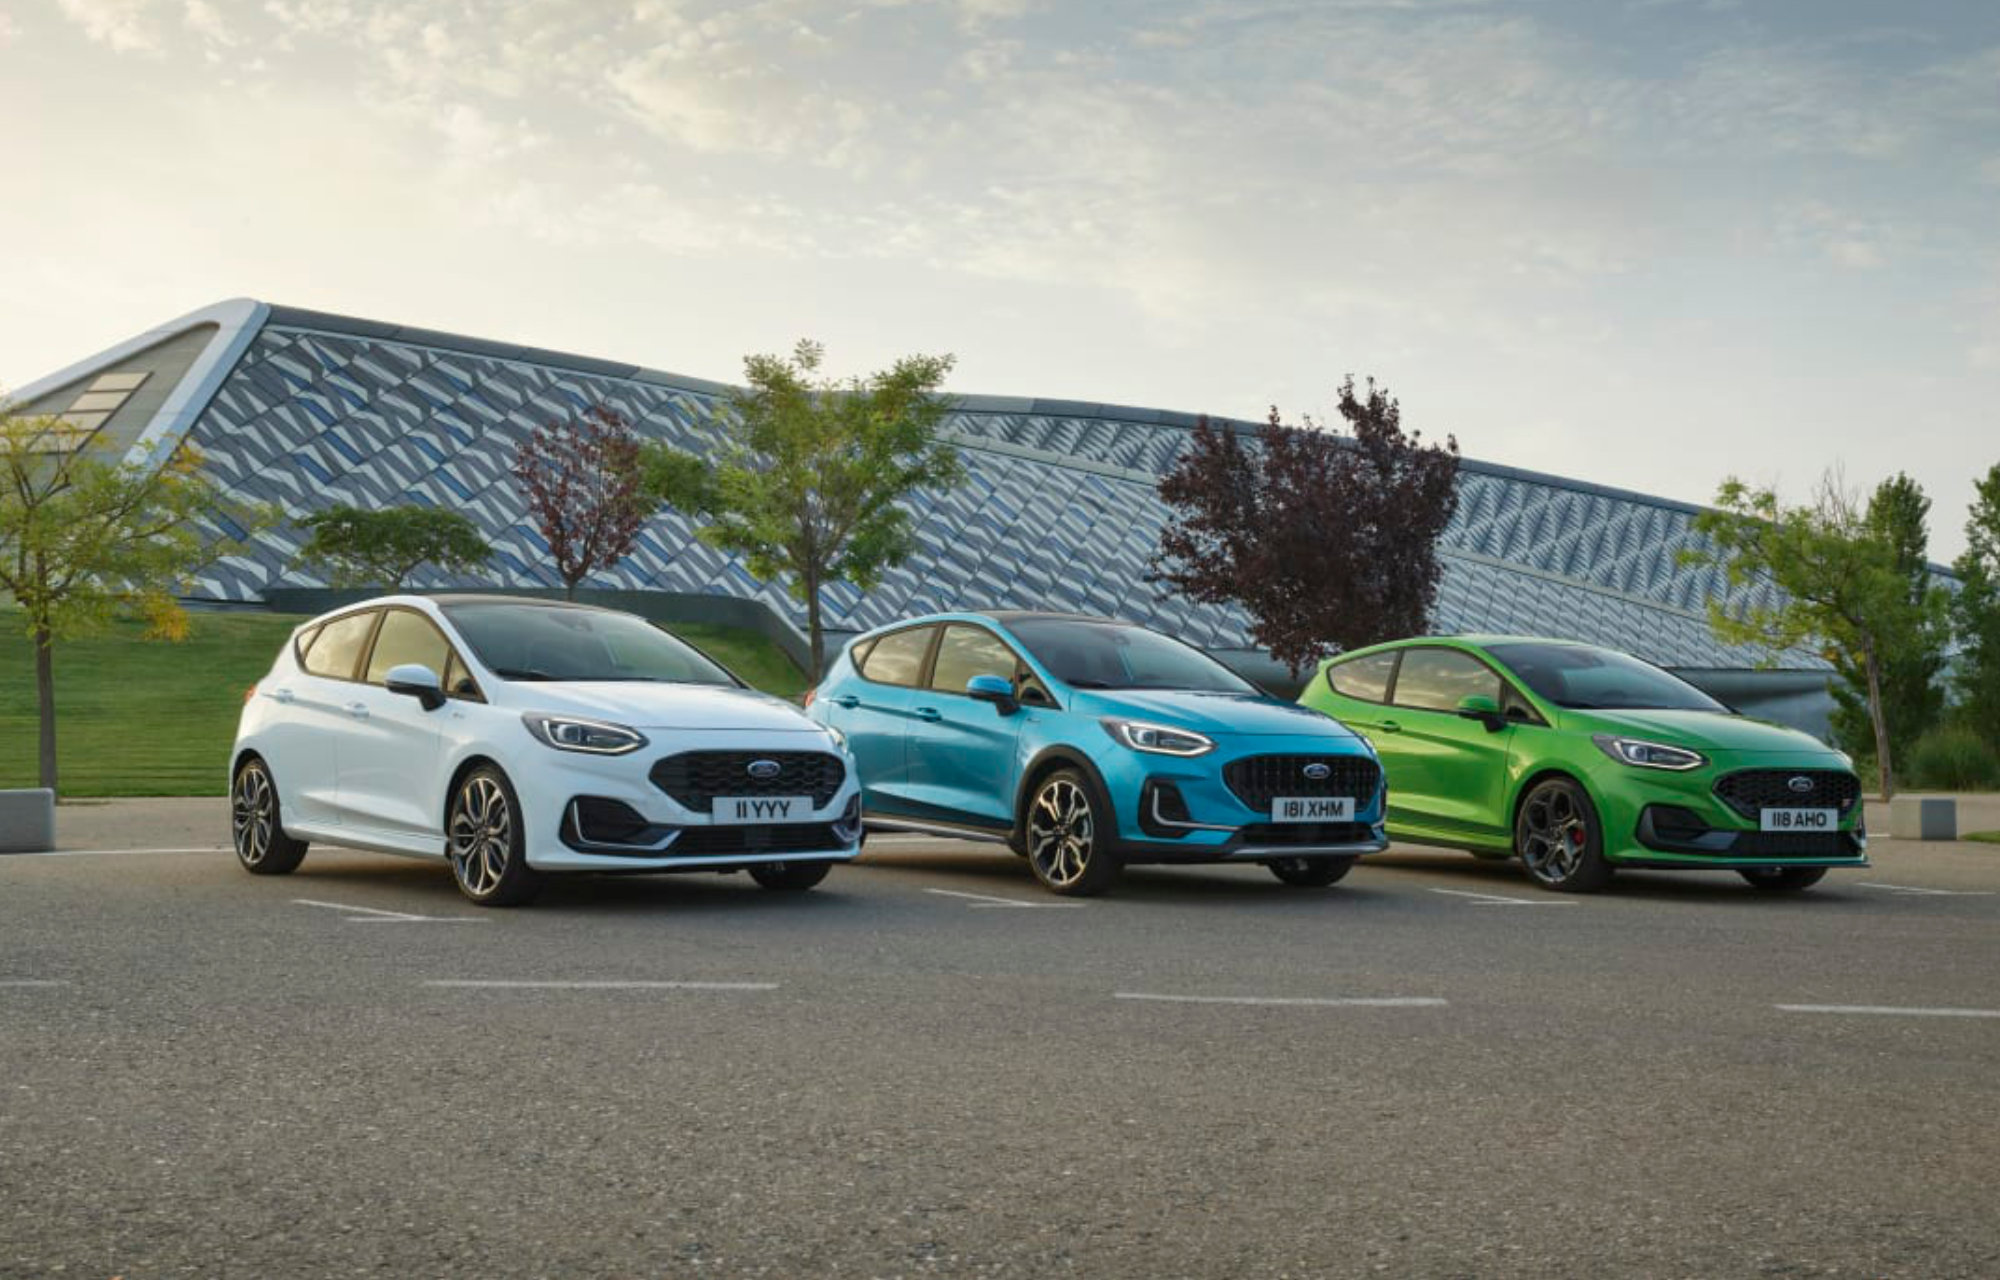 Ford esittelee uuden sähköistetyn ja entistä liitetymmän Ford Fiestan